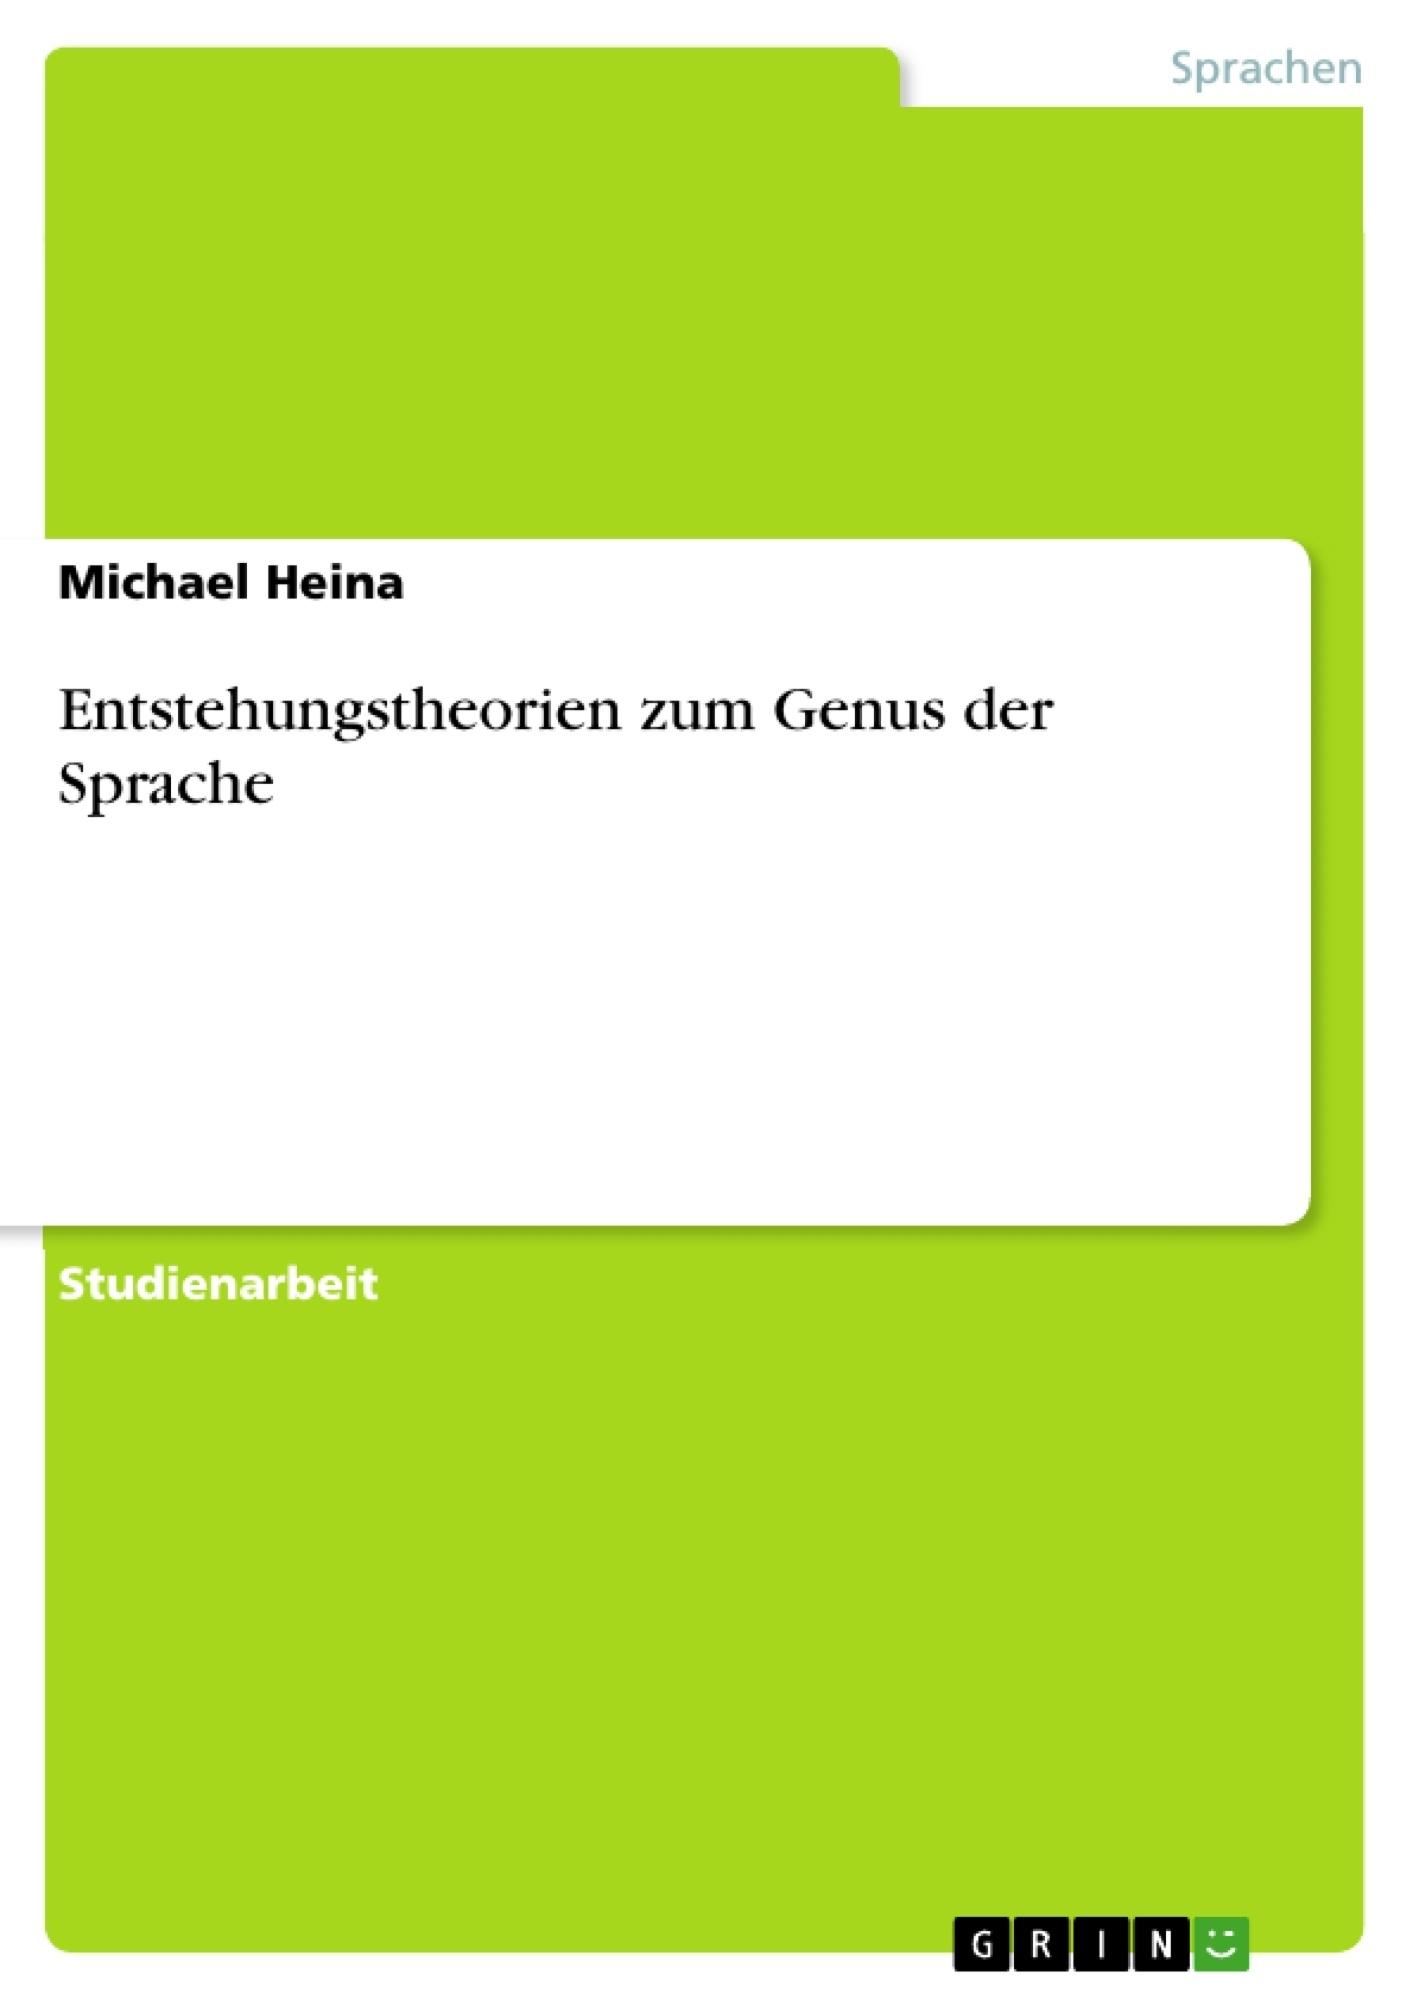 Titel: Entstehungstheorien zum Genus der Sprache